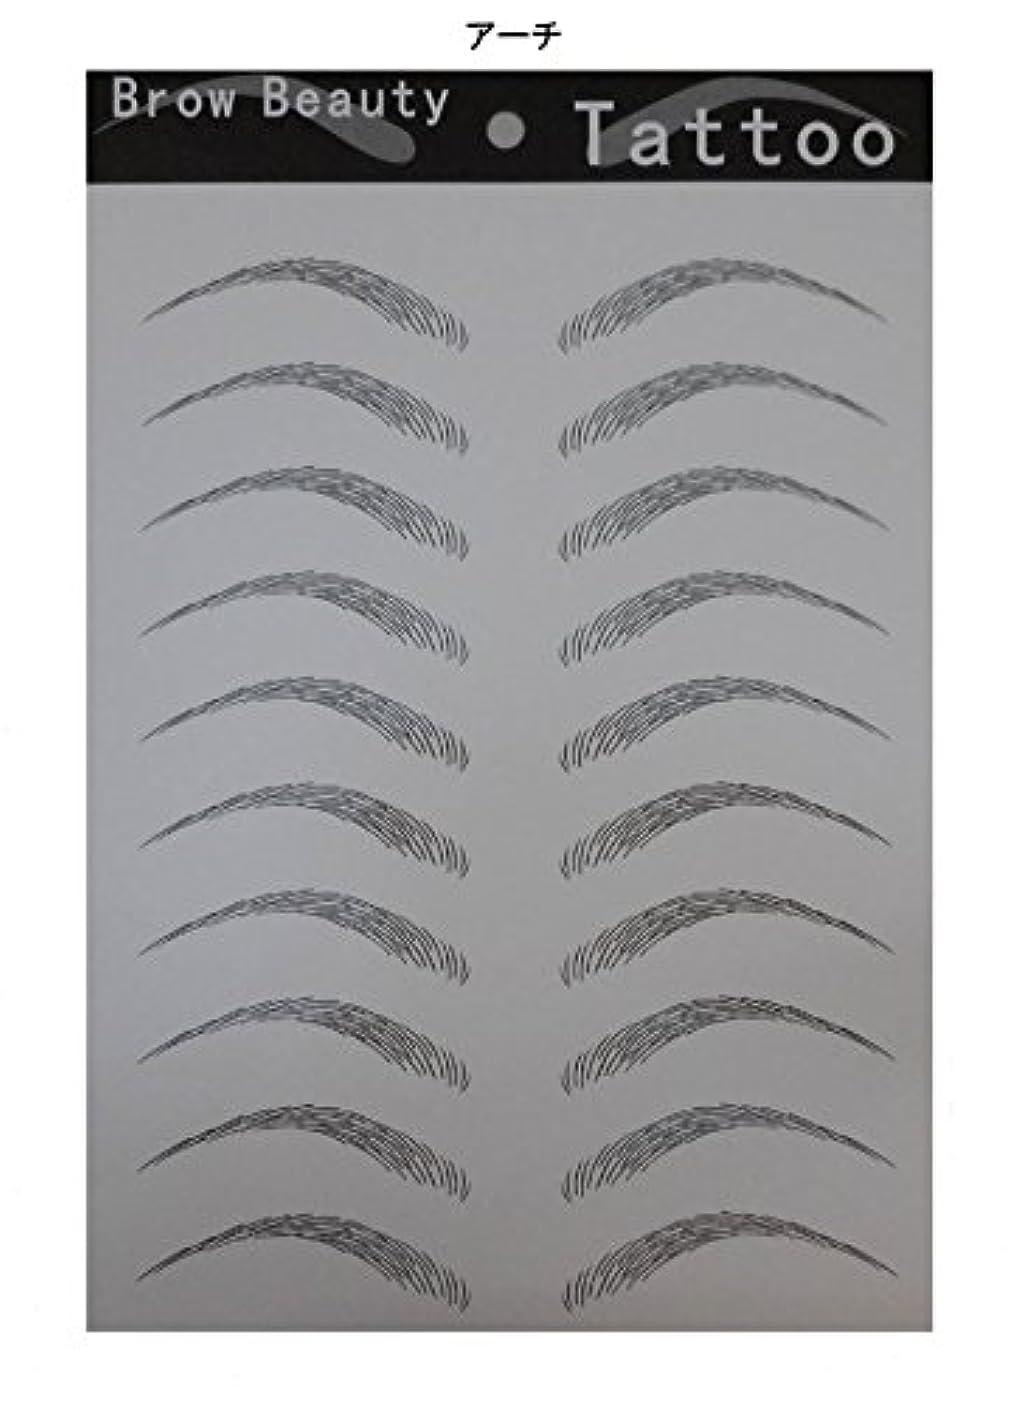 と闘う貸し手破壊する眉 シール (プチ アートメイク) 眉毛シール 4タイプ (アーチ)